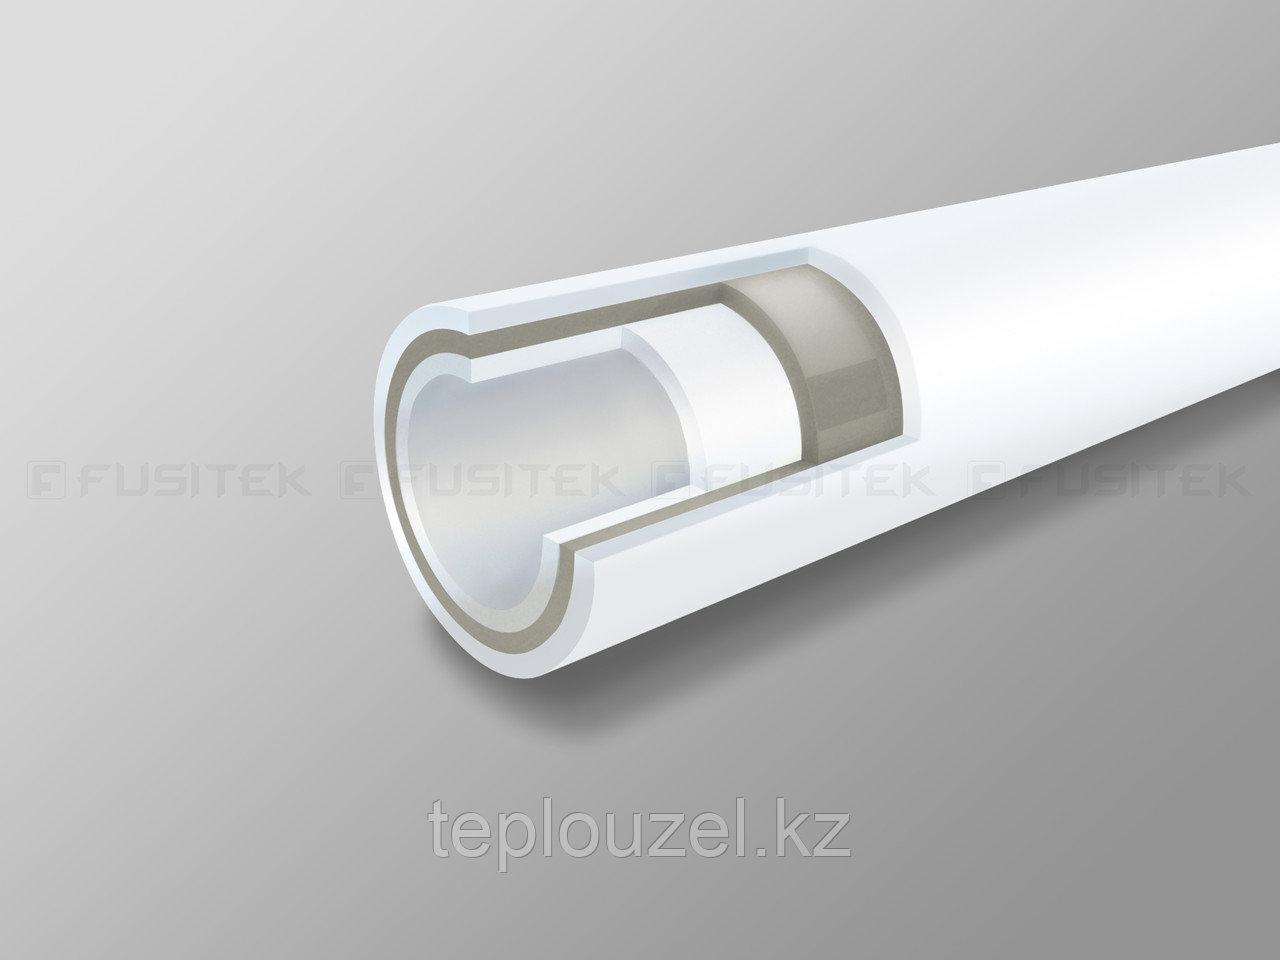 Труба композитная D50 из ППР со стекловолокном для ГВ и отопления